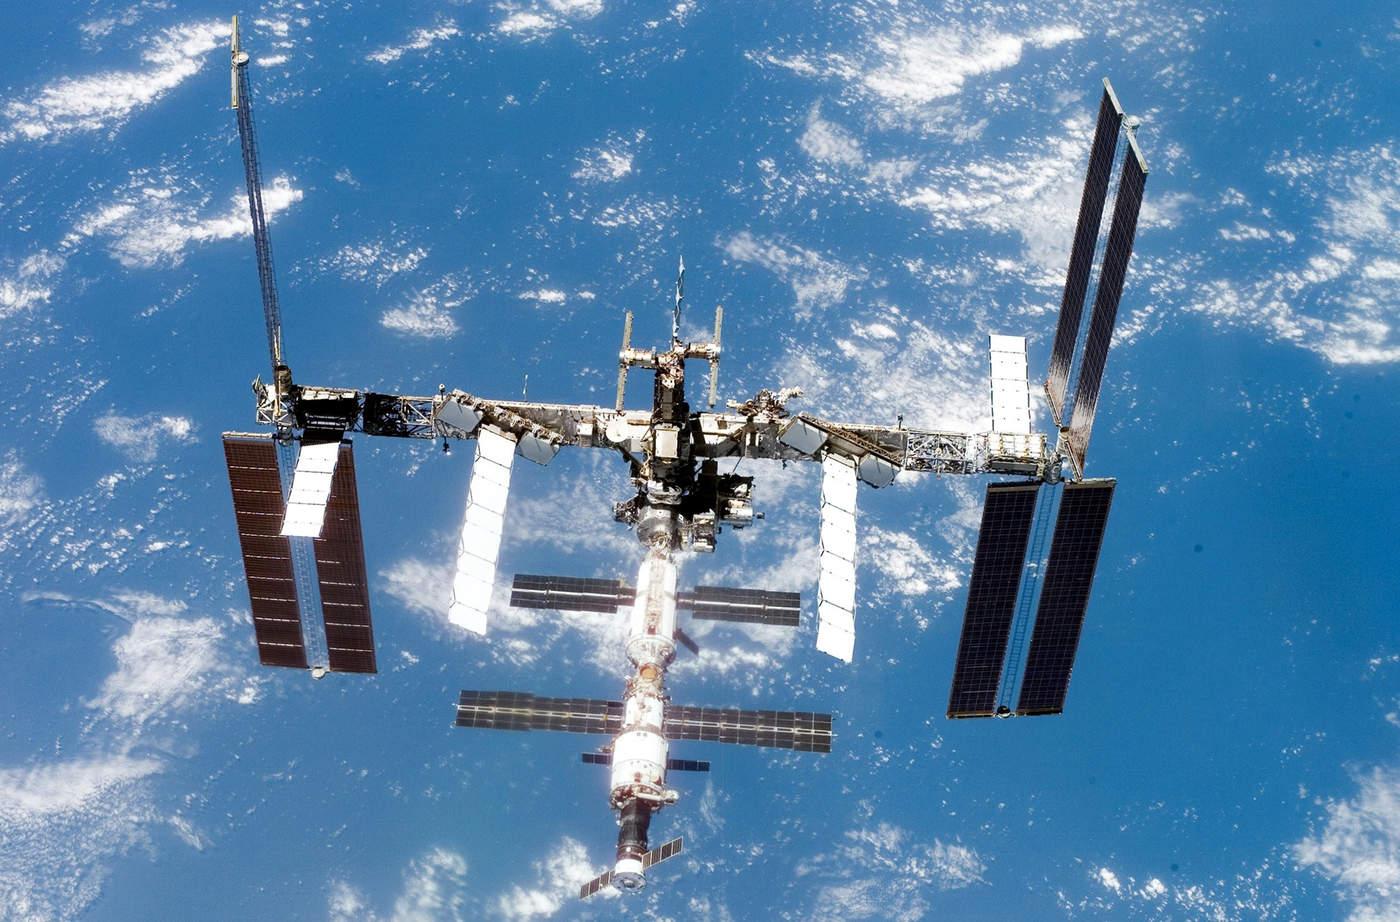 Los turistas volverán a la Estación Espacial Internacional. (ARCHIVO)